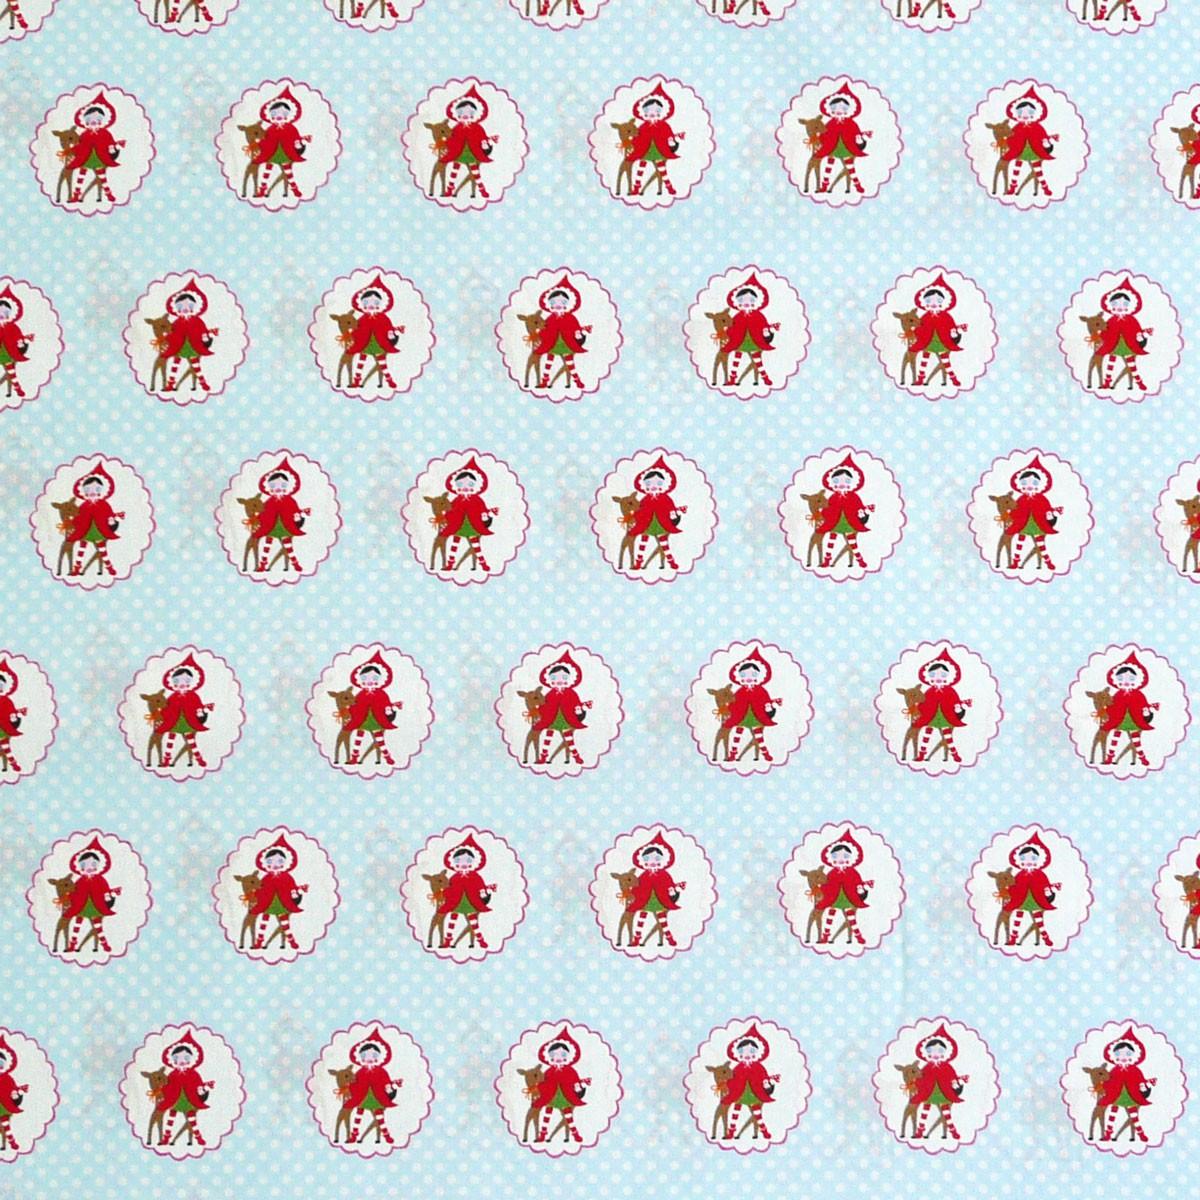 Kreativstoff Baumwollstoff Stoff Little Red